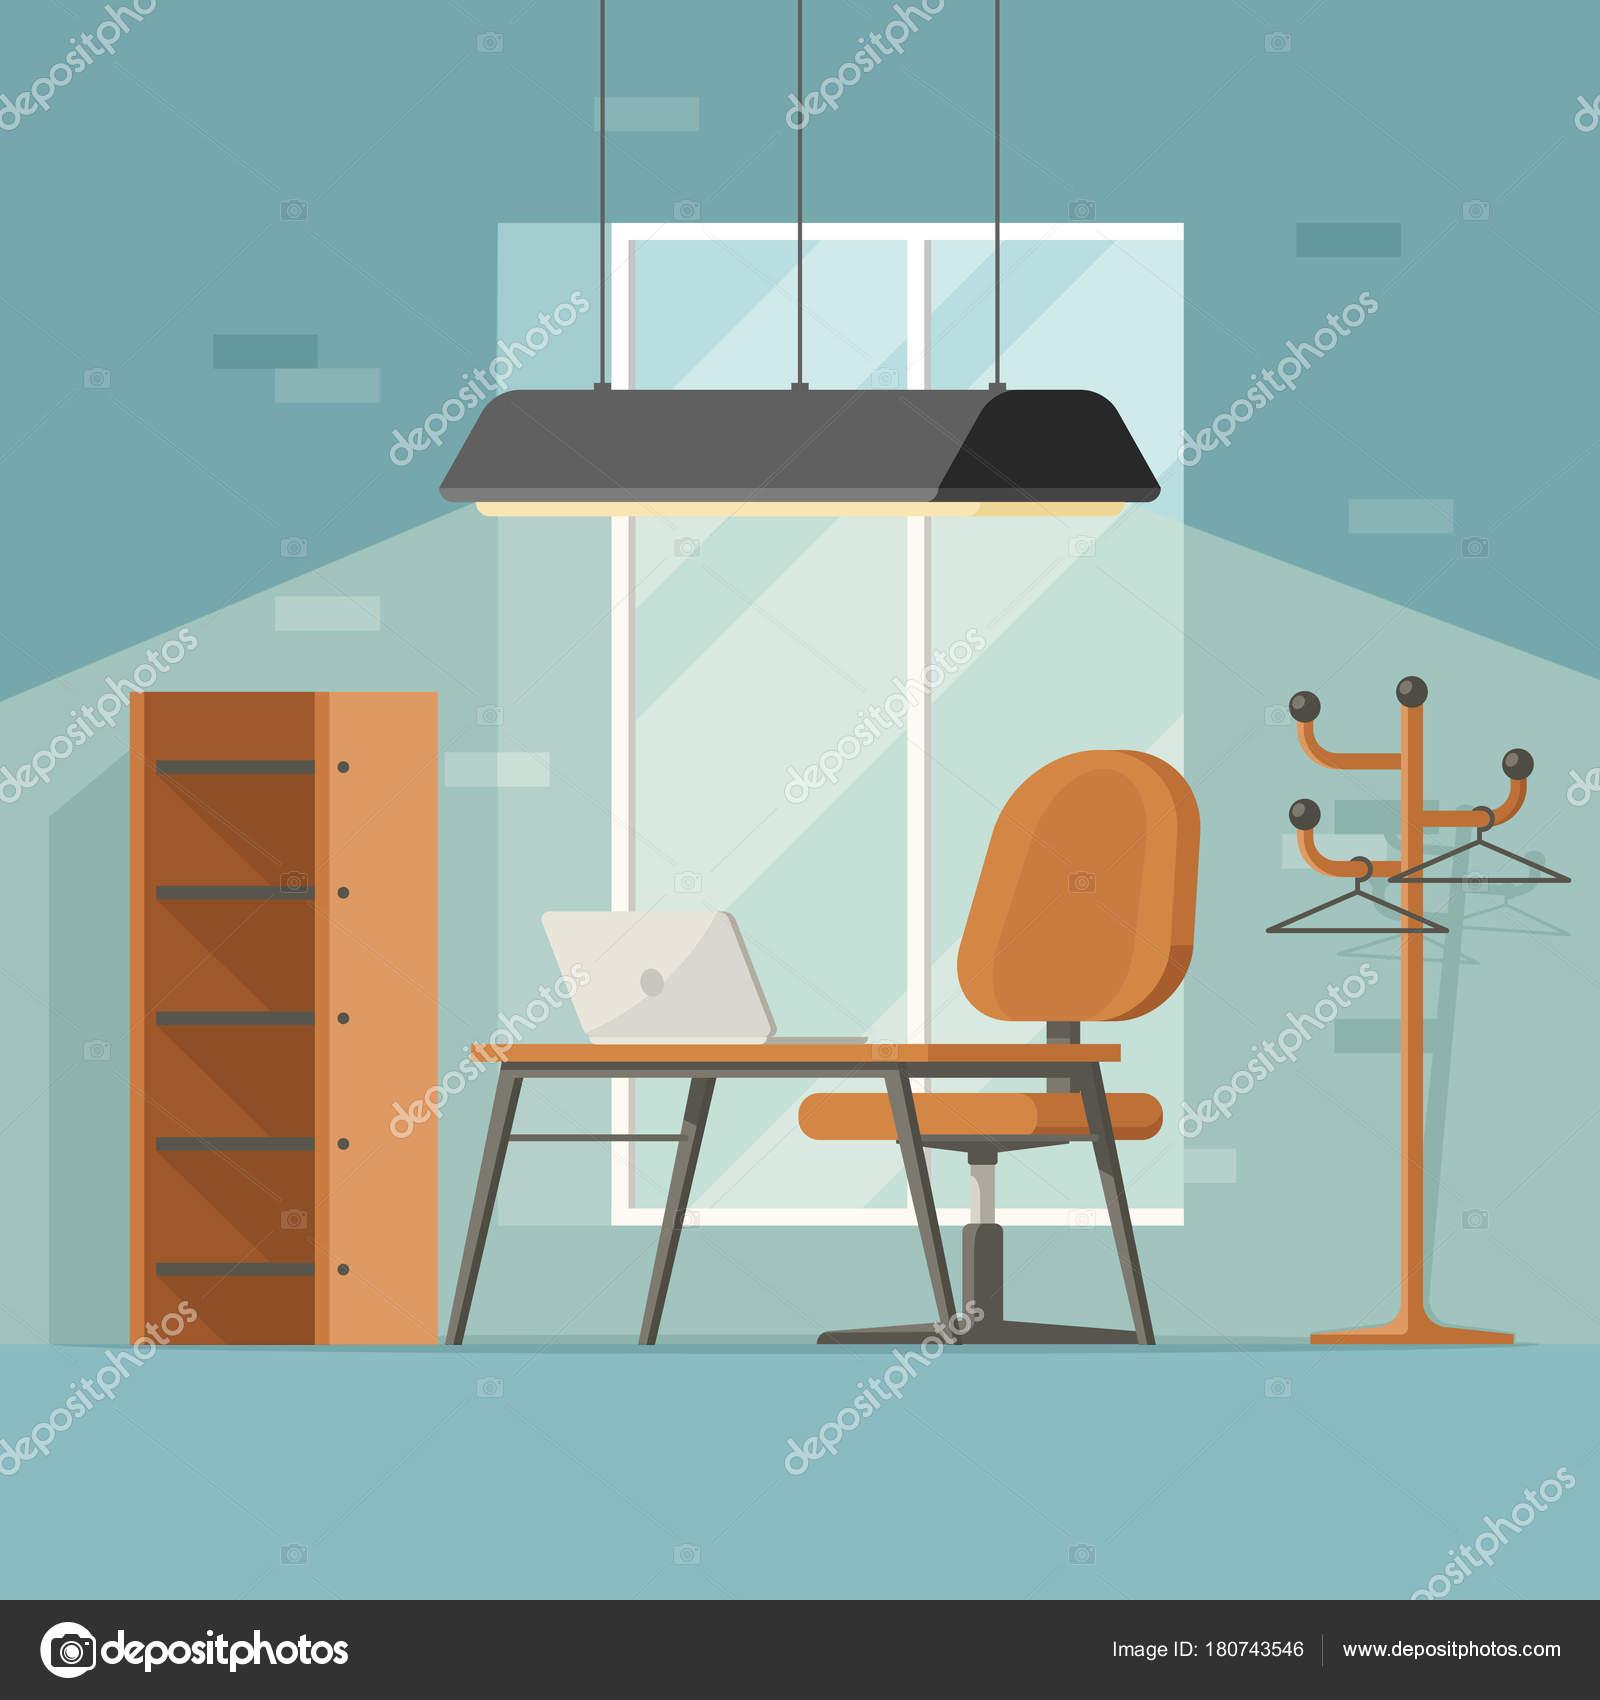 Kreativen Arbeitsplatz Flachen Stil Modernes Interieur Mit Tisch ...